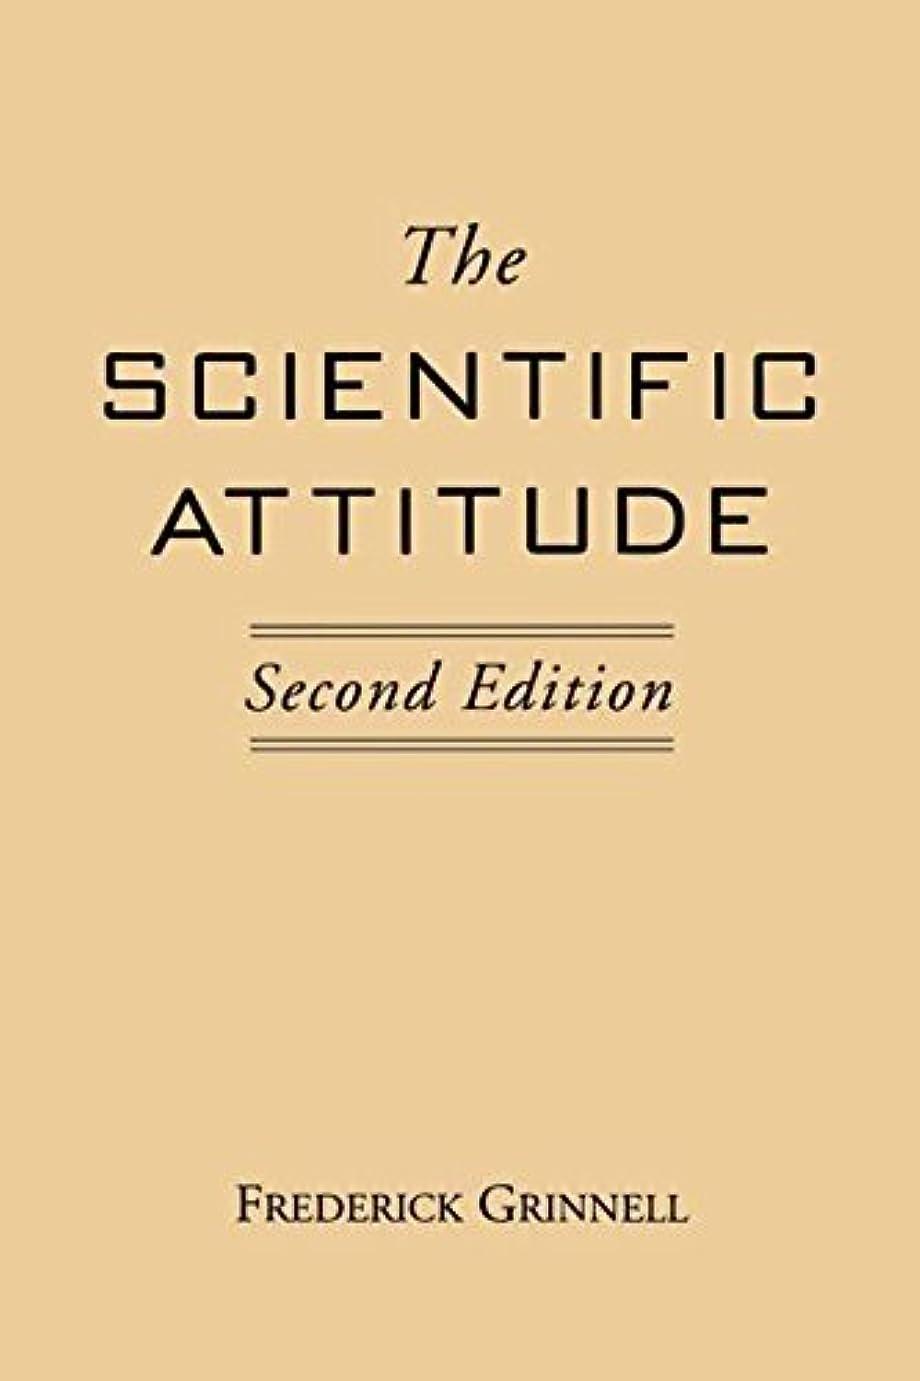 聖域センチメートル安全性The Scientific Attitude: Second Edition (The Conduct of Science Series) (English Edition)